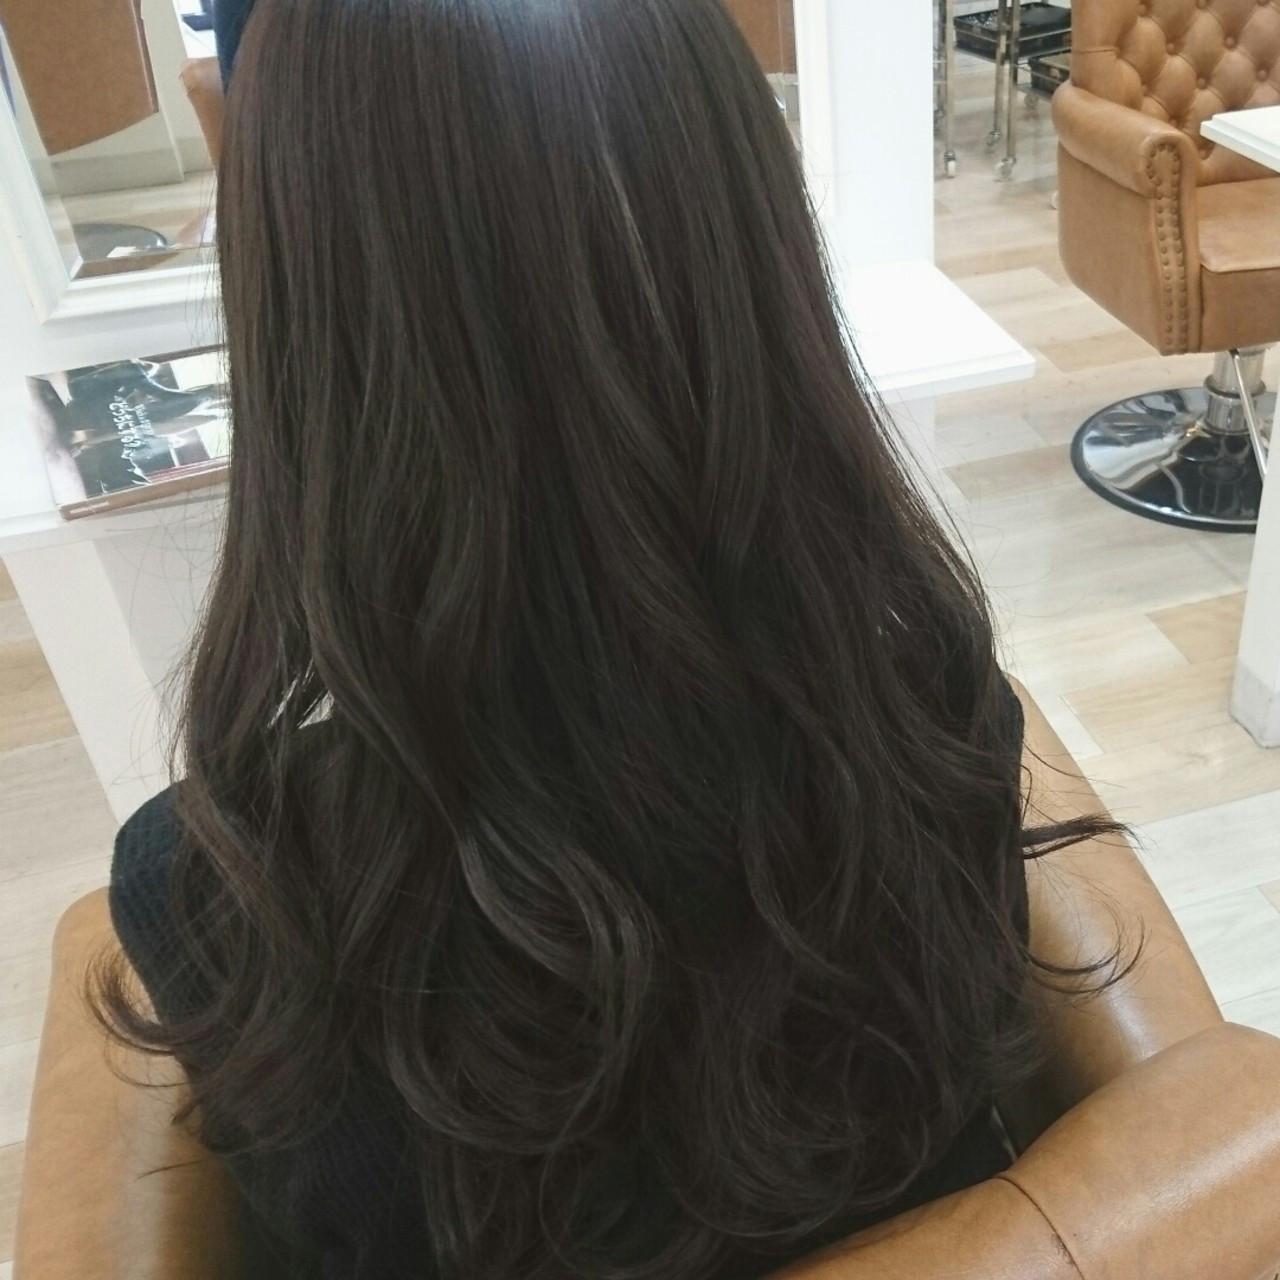 ブルーアッシュ 大人かわいい ロング アッシュグレー ヘアスタイルや髪型の写真・画像